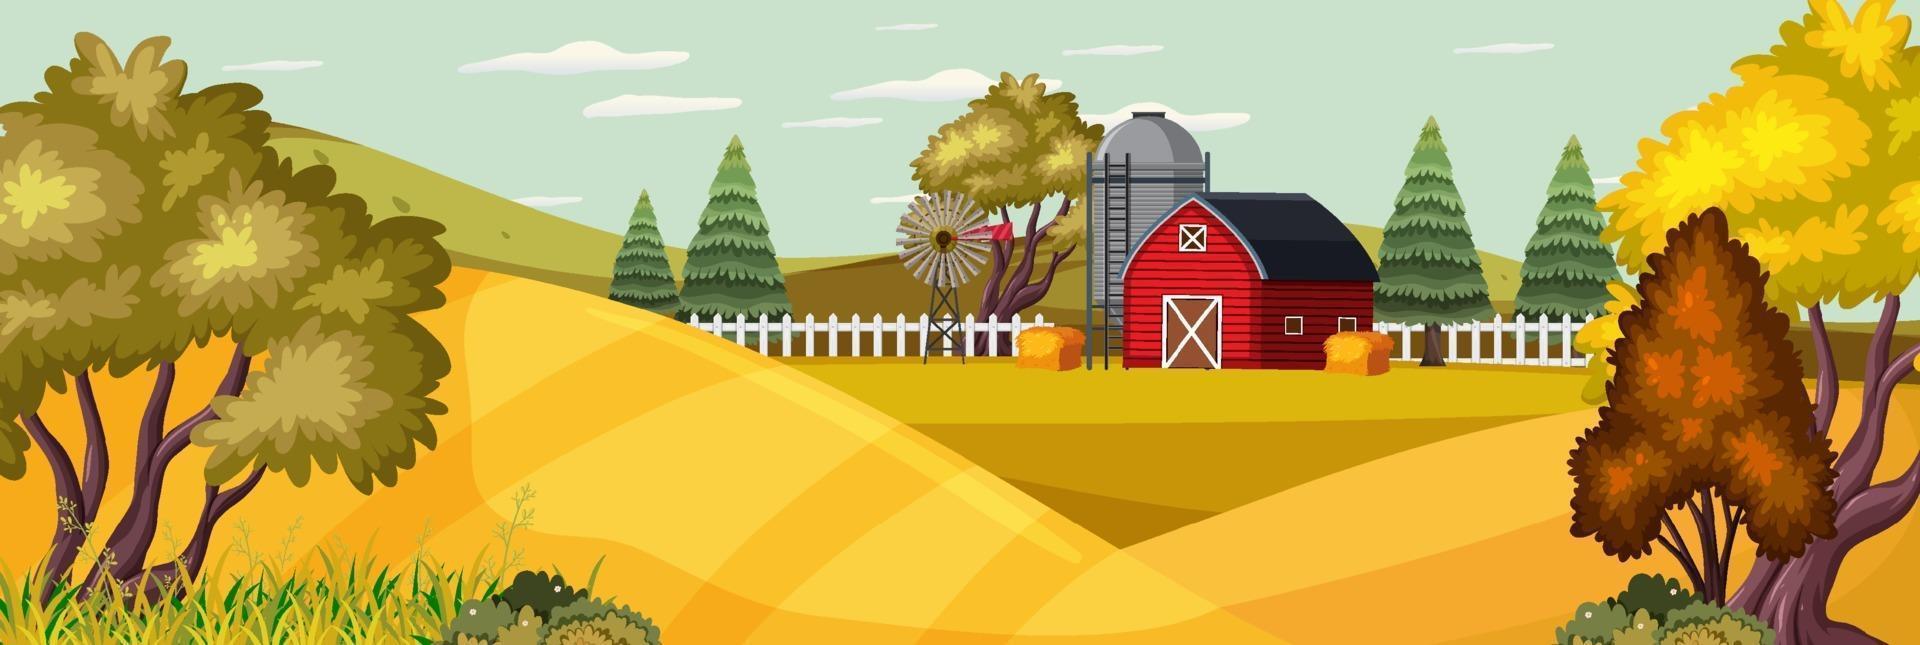 boerderijlandschap met veld en rode schuur in de herfstseizoen vector